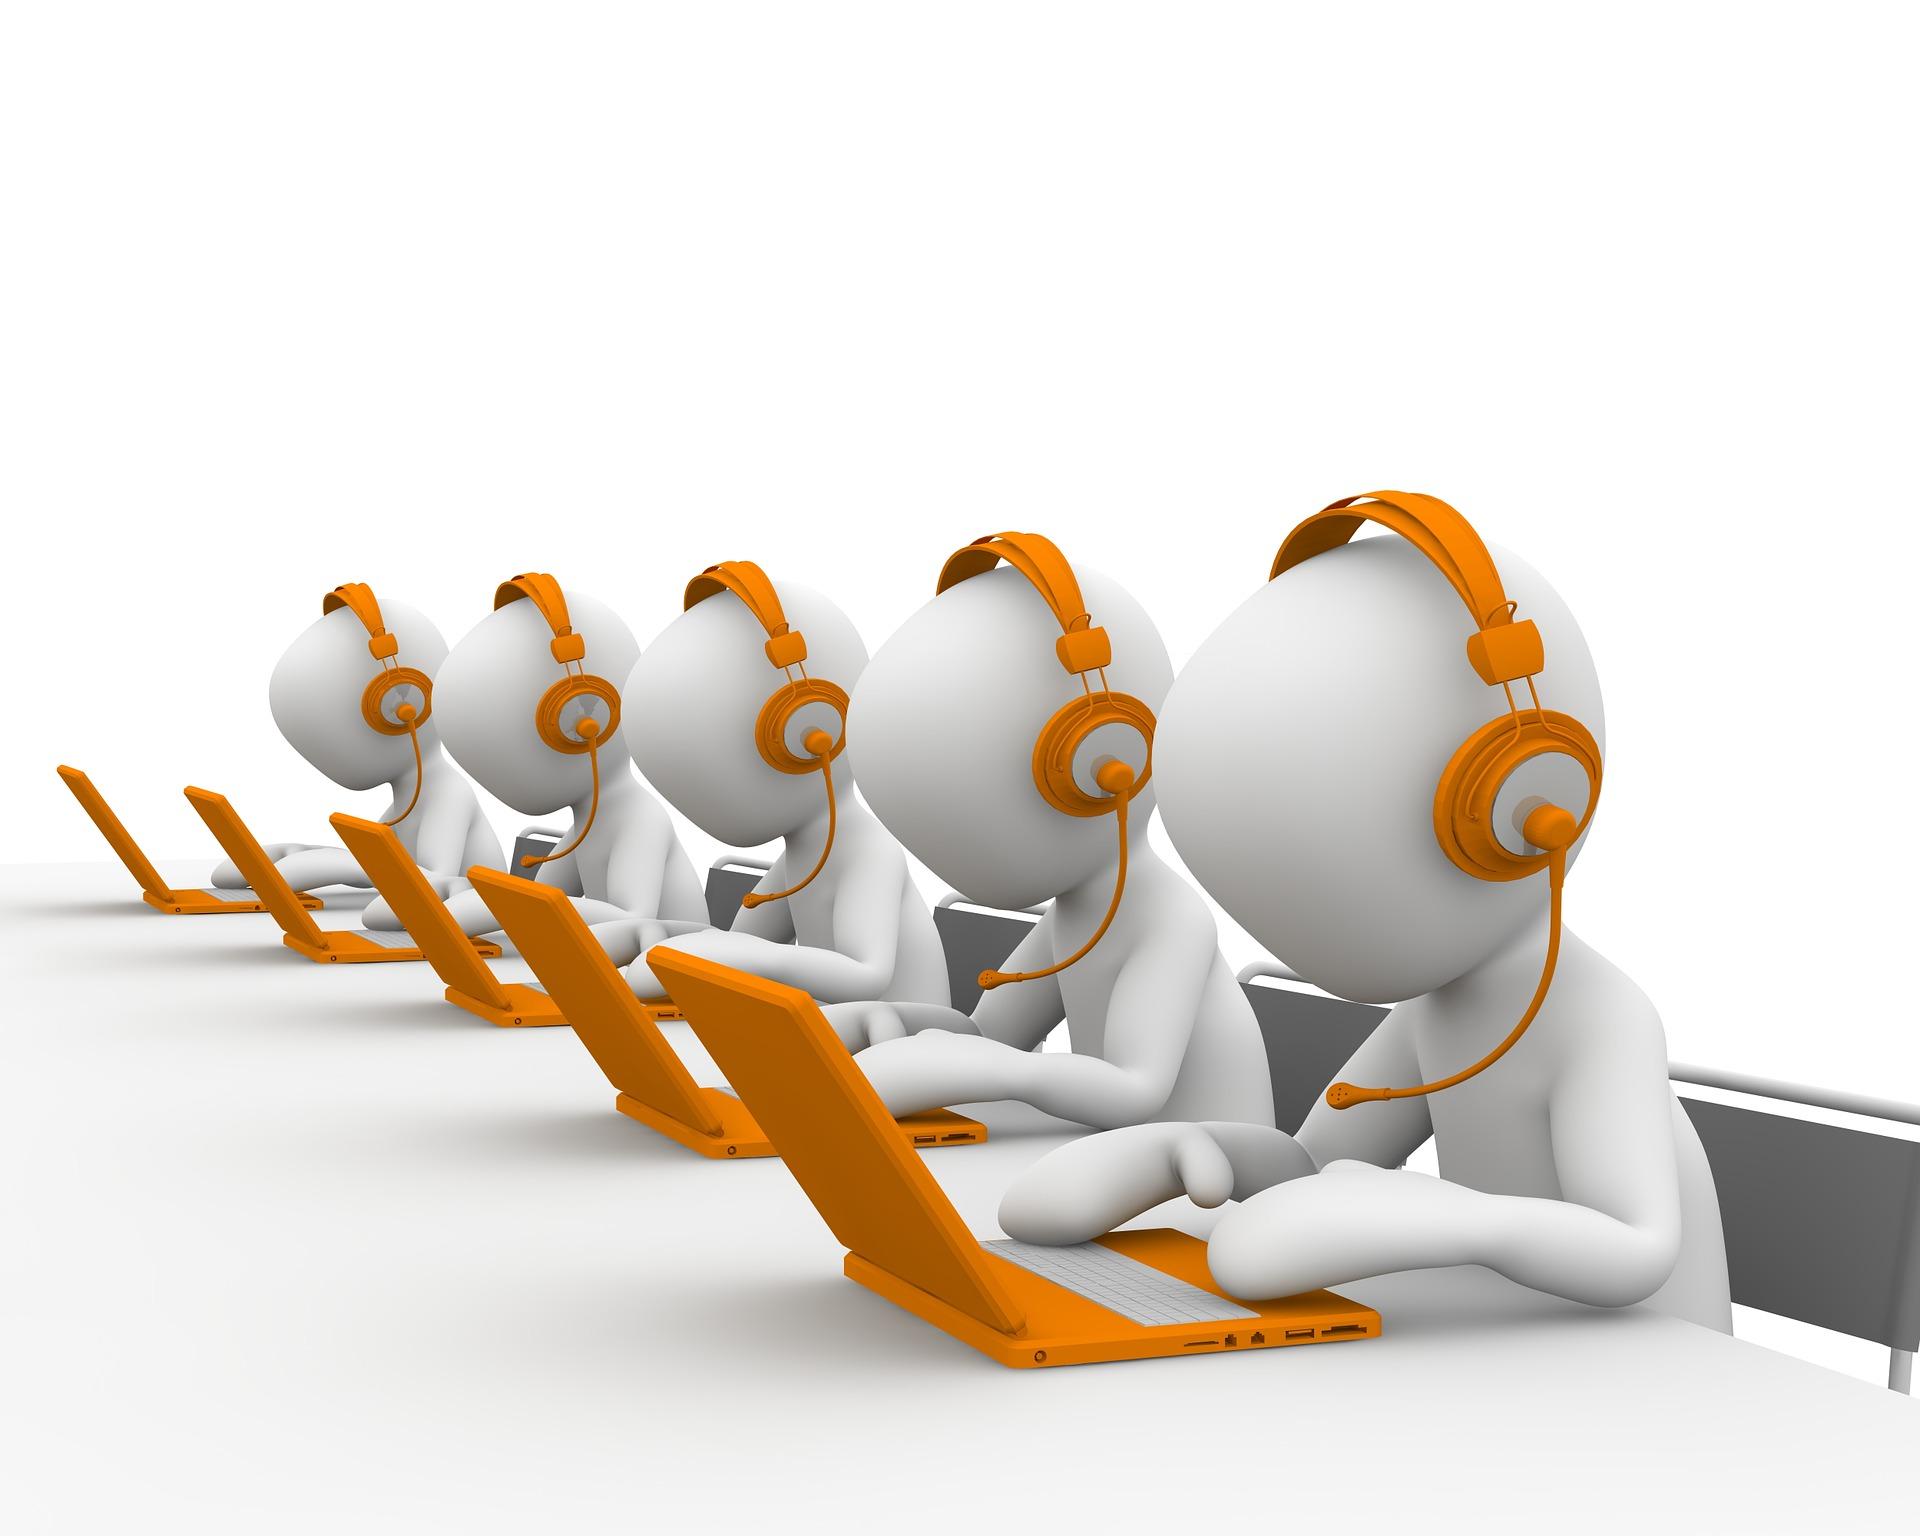 02 6223 7039 Tax Scam Telephone Calls